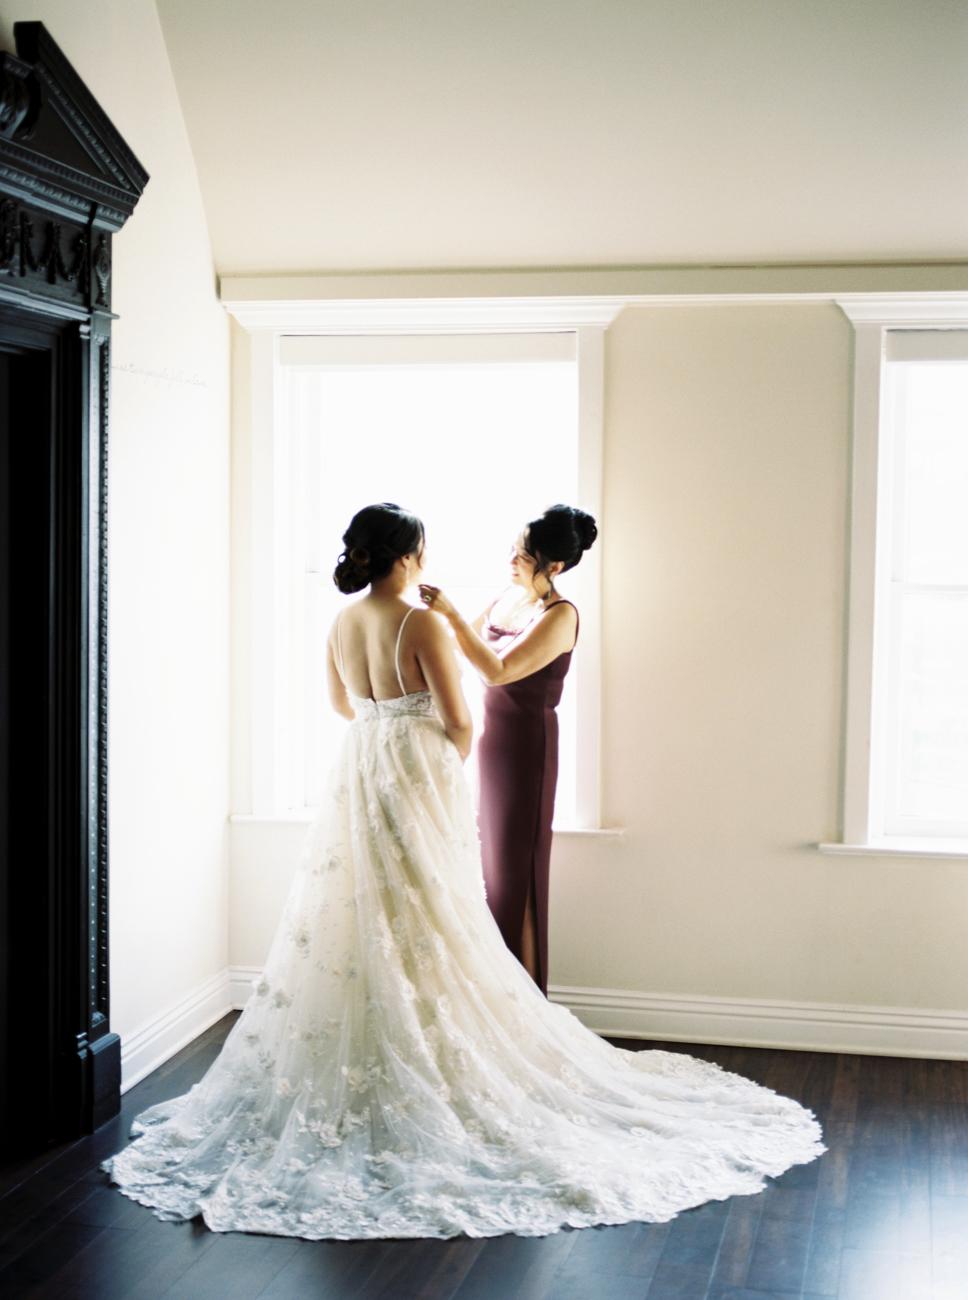 dennisroycoronel_theloftonpine_wedding-4.jpg